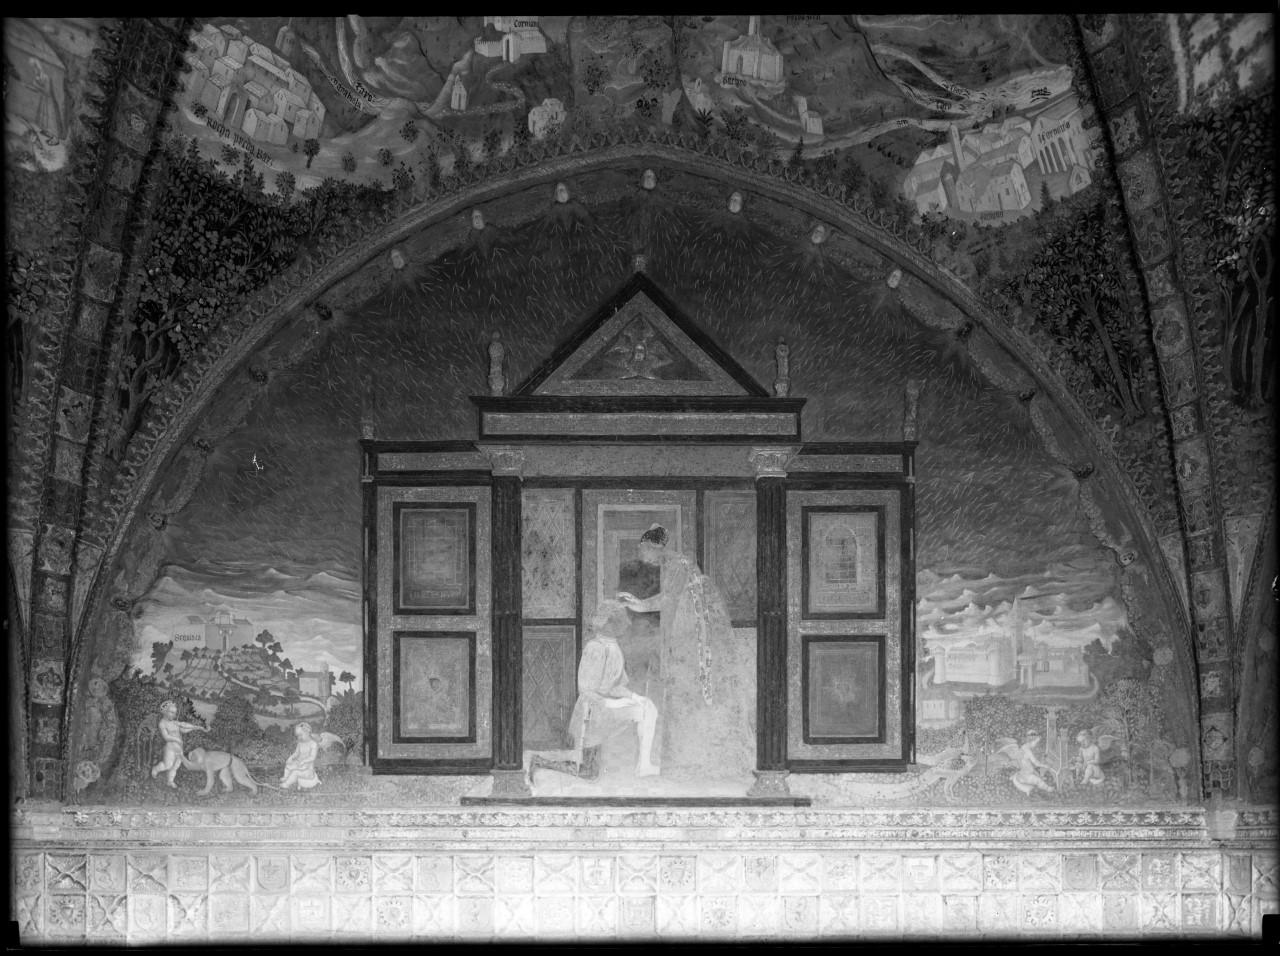 Italia - Emilia-Romagna - Parma <provincia> - Langhirano - Torrechiara - Castello di Torrechiara (negativo) di A. Villani & Figli, Bembo, Benedetto, Paganini, Giovanni Antonio, Martini, Innocenzo, Baglione, Cesare (terzo quarto XX)